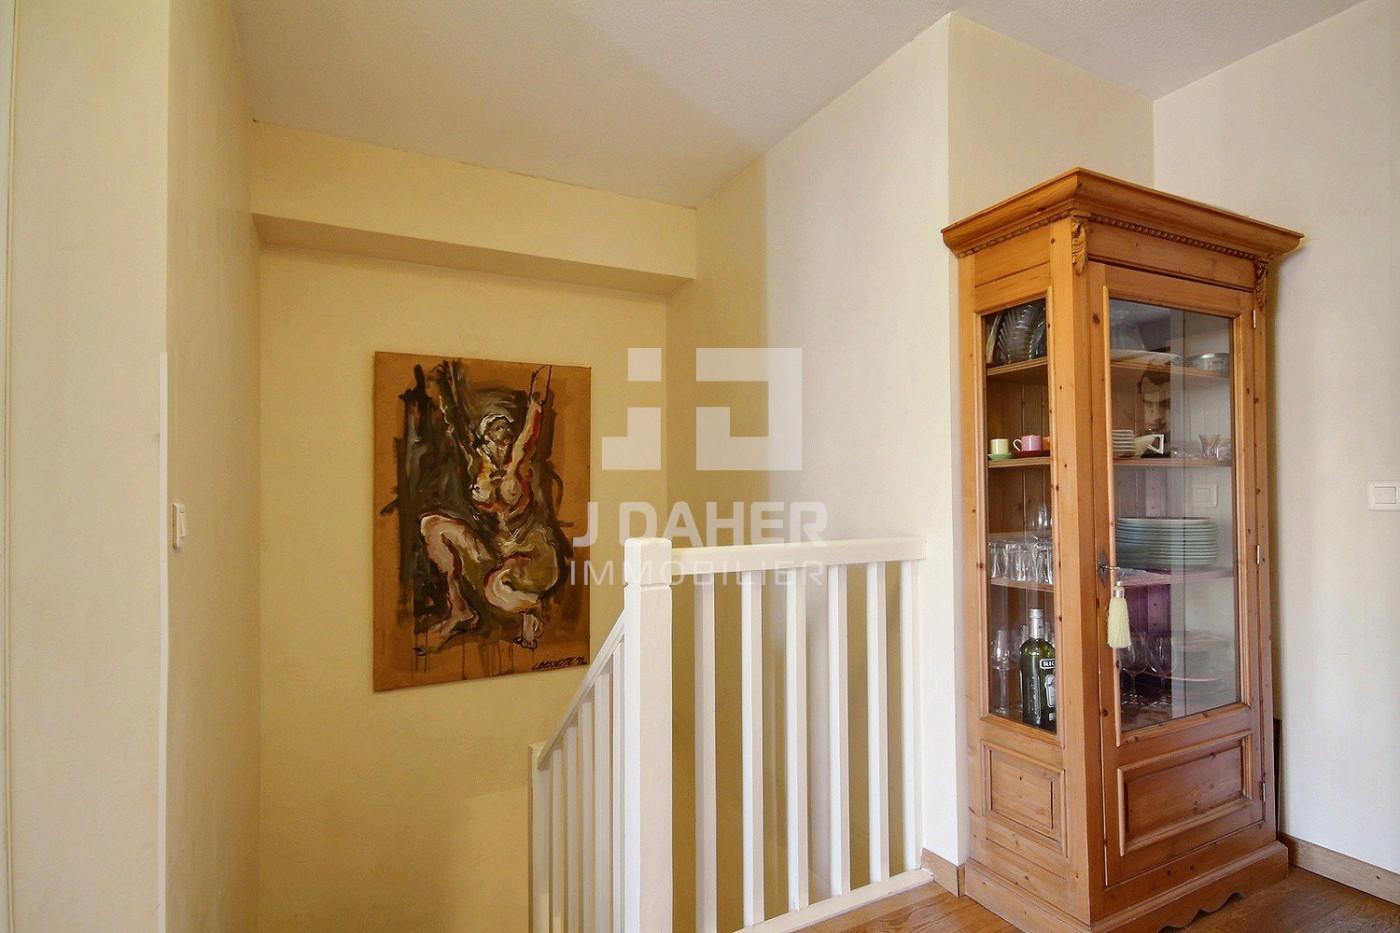 A vendre  Marseille 8eme Arrondissement | Réf 13025902 - J daher immobilier